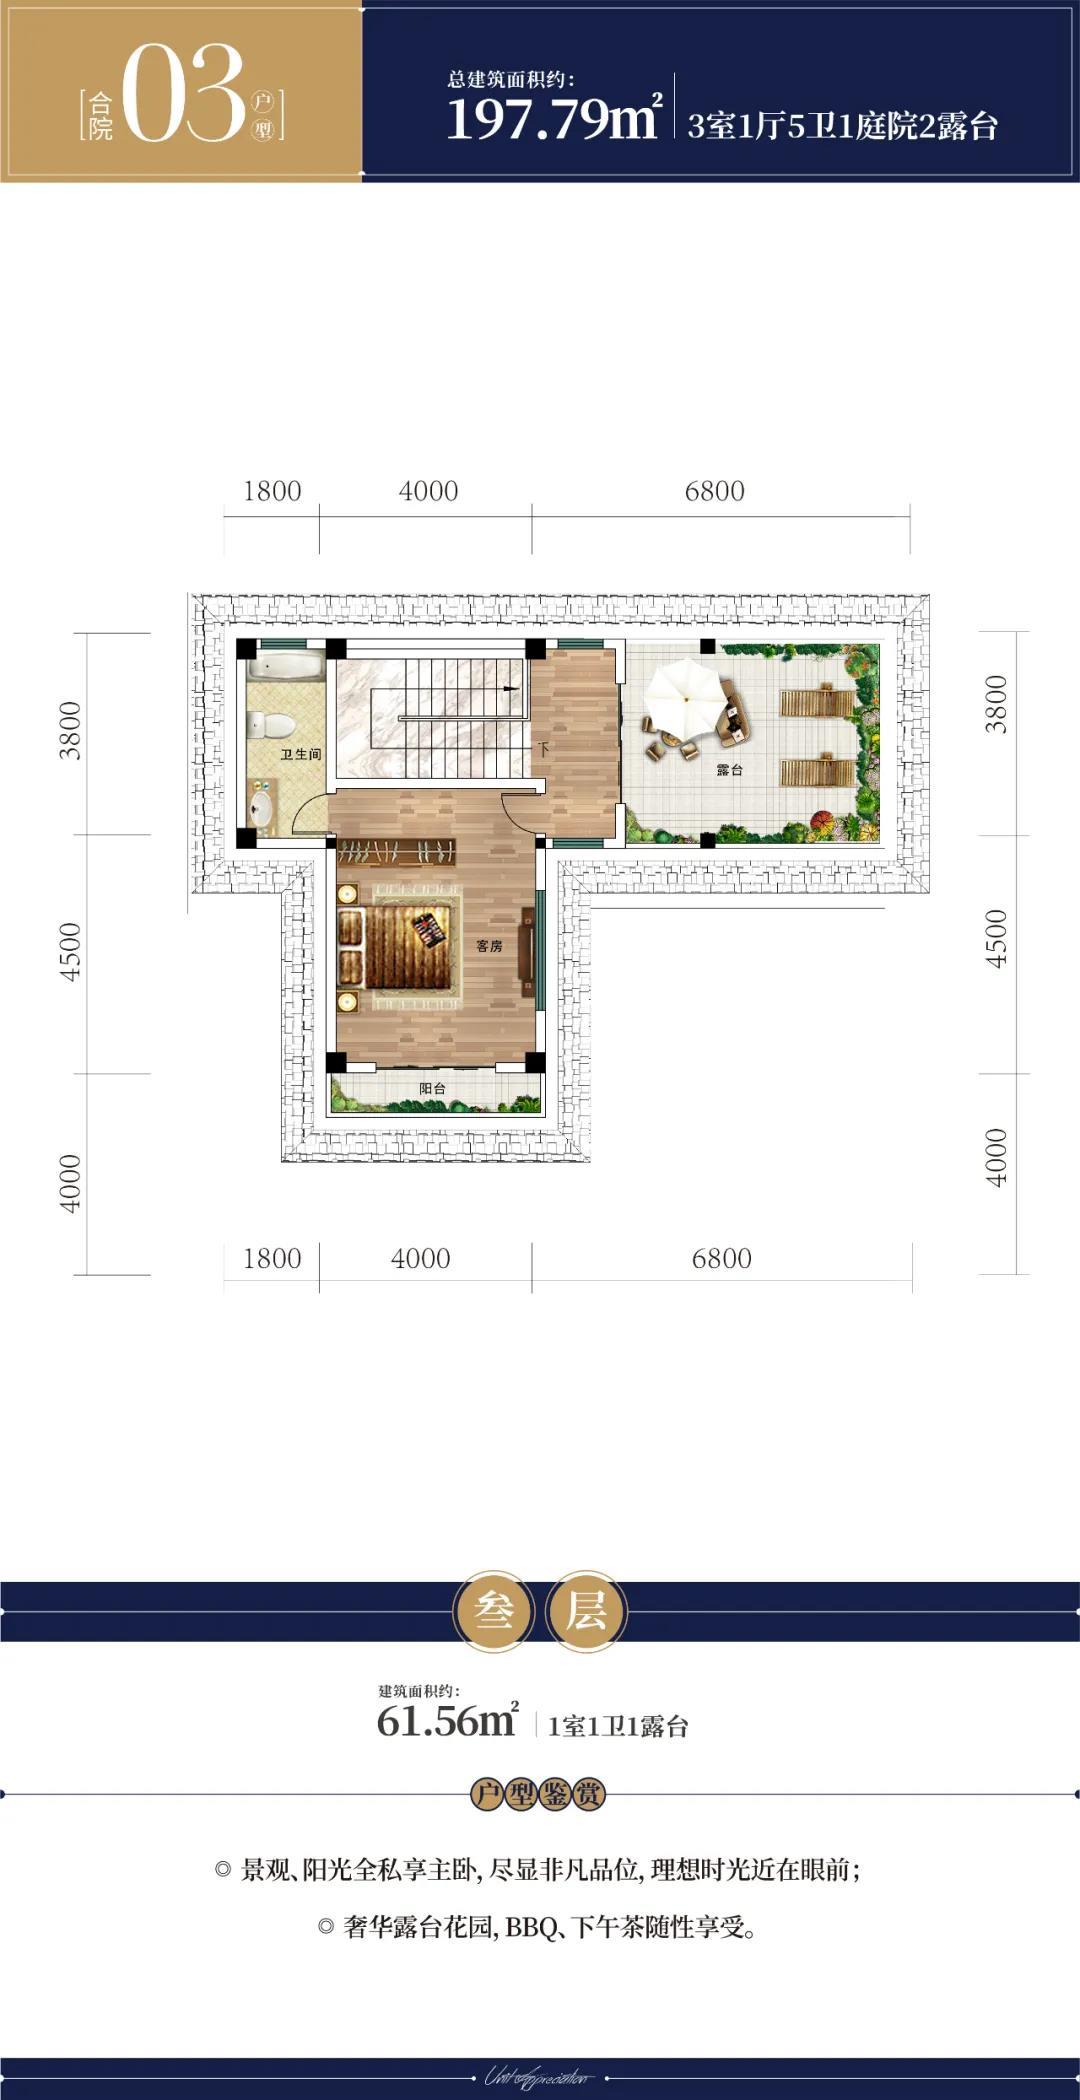 微信图片_20201208094050.jpg